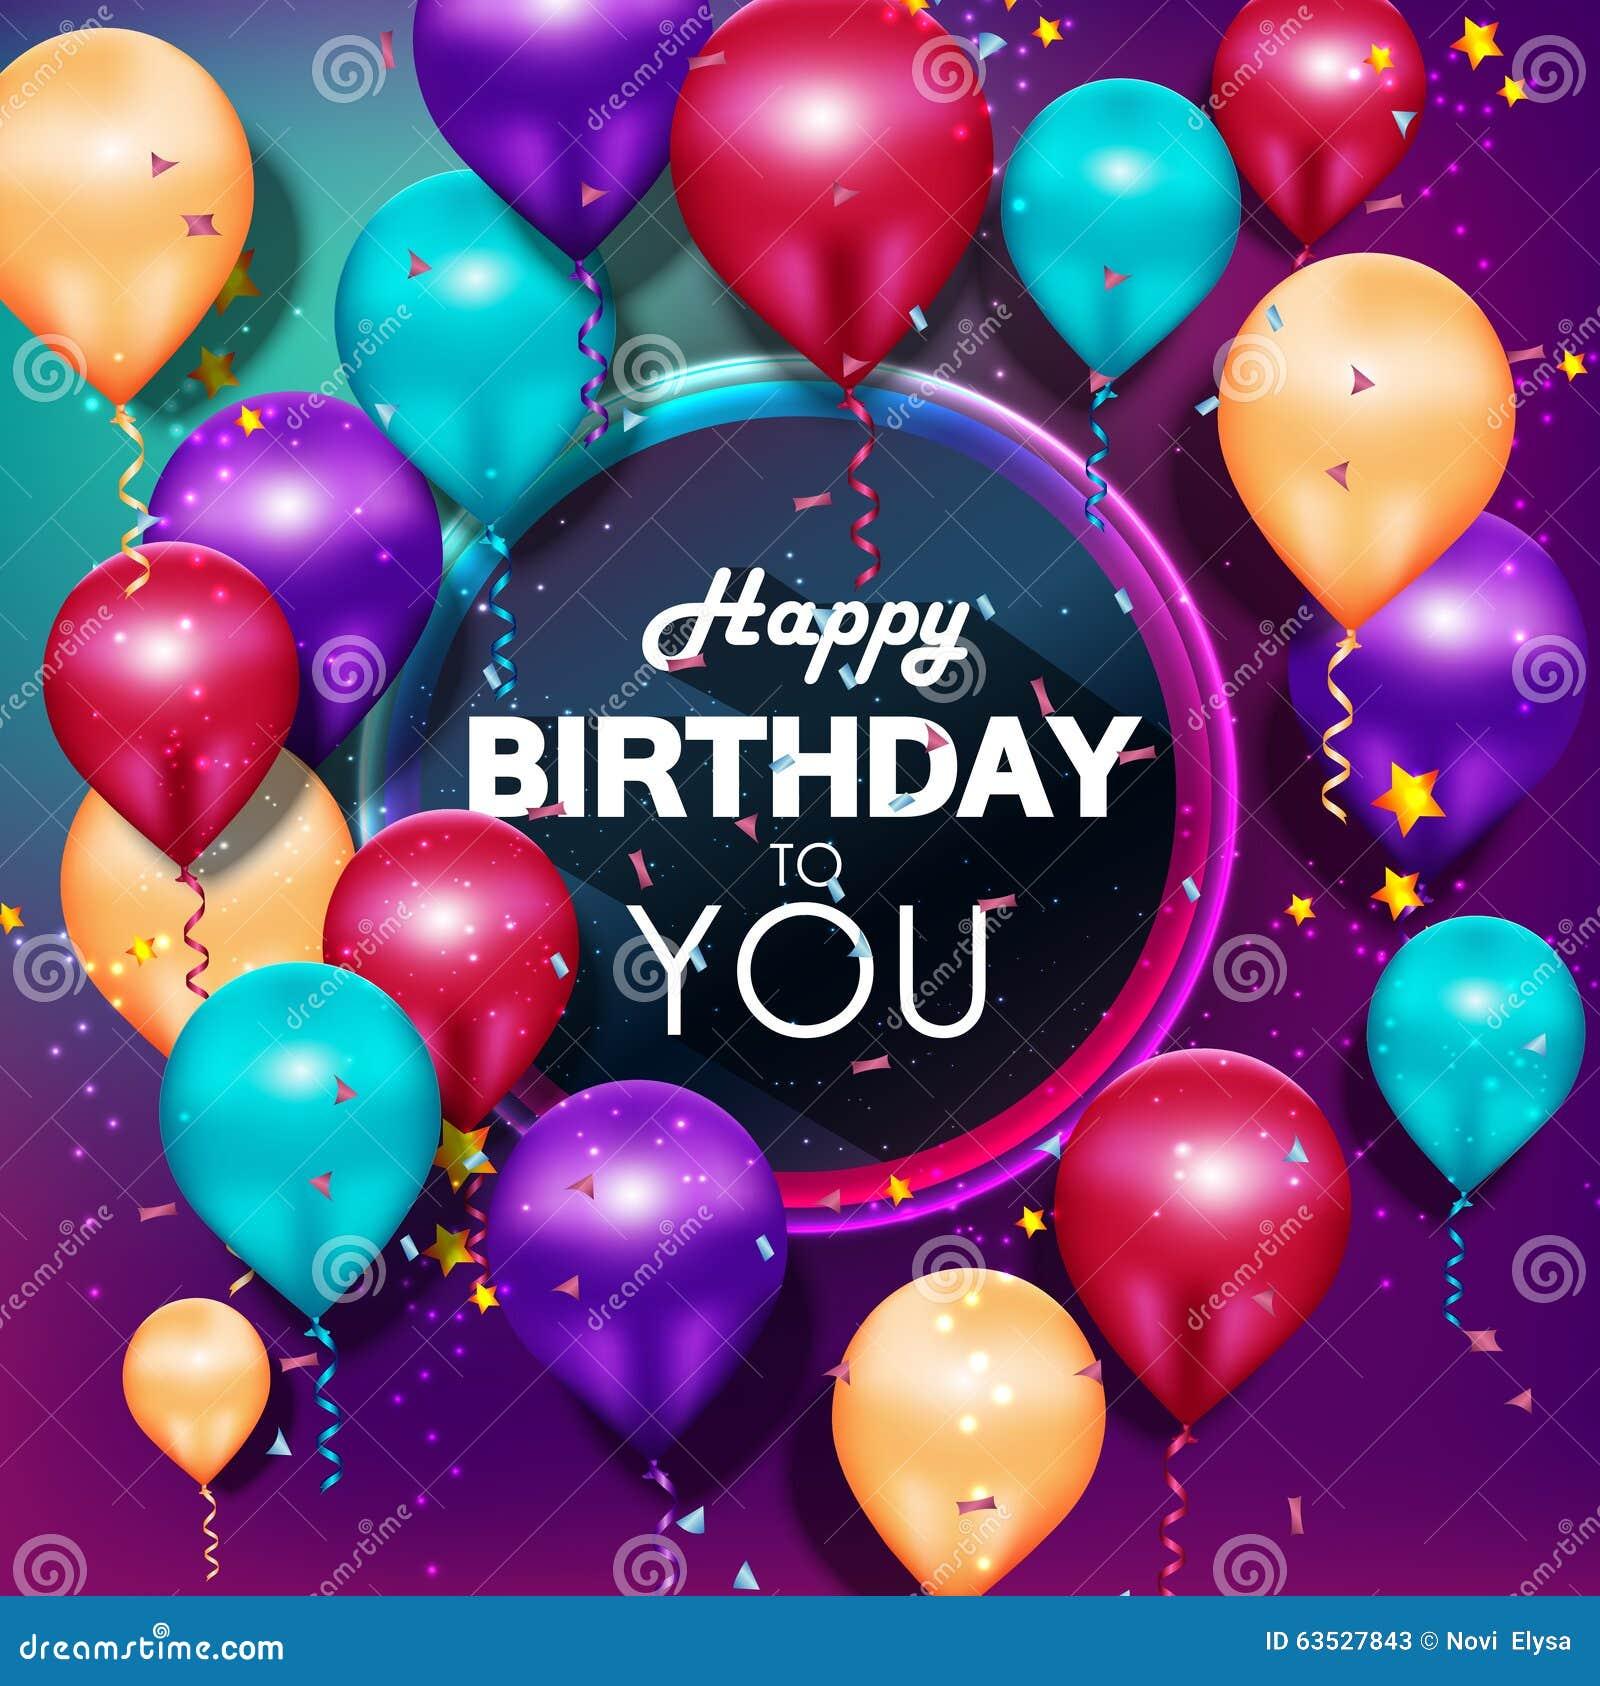 Kolorowy balonu wszystkiego najlepszego z okazji urodzin na purpurowym tle